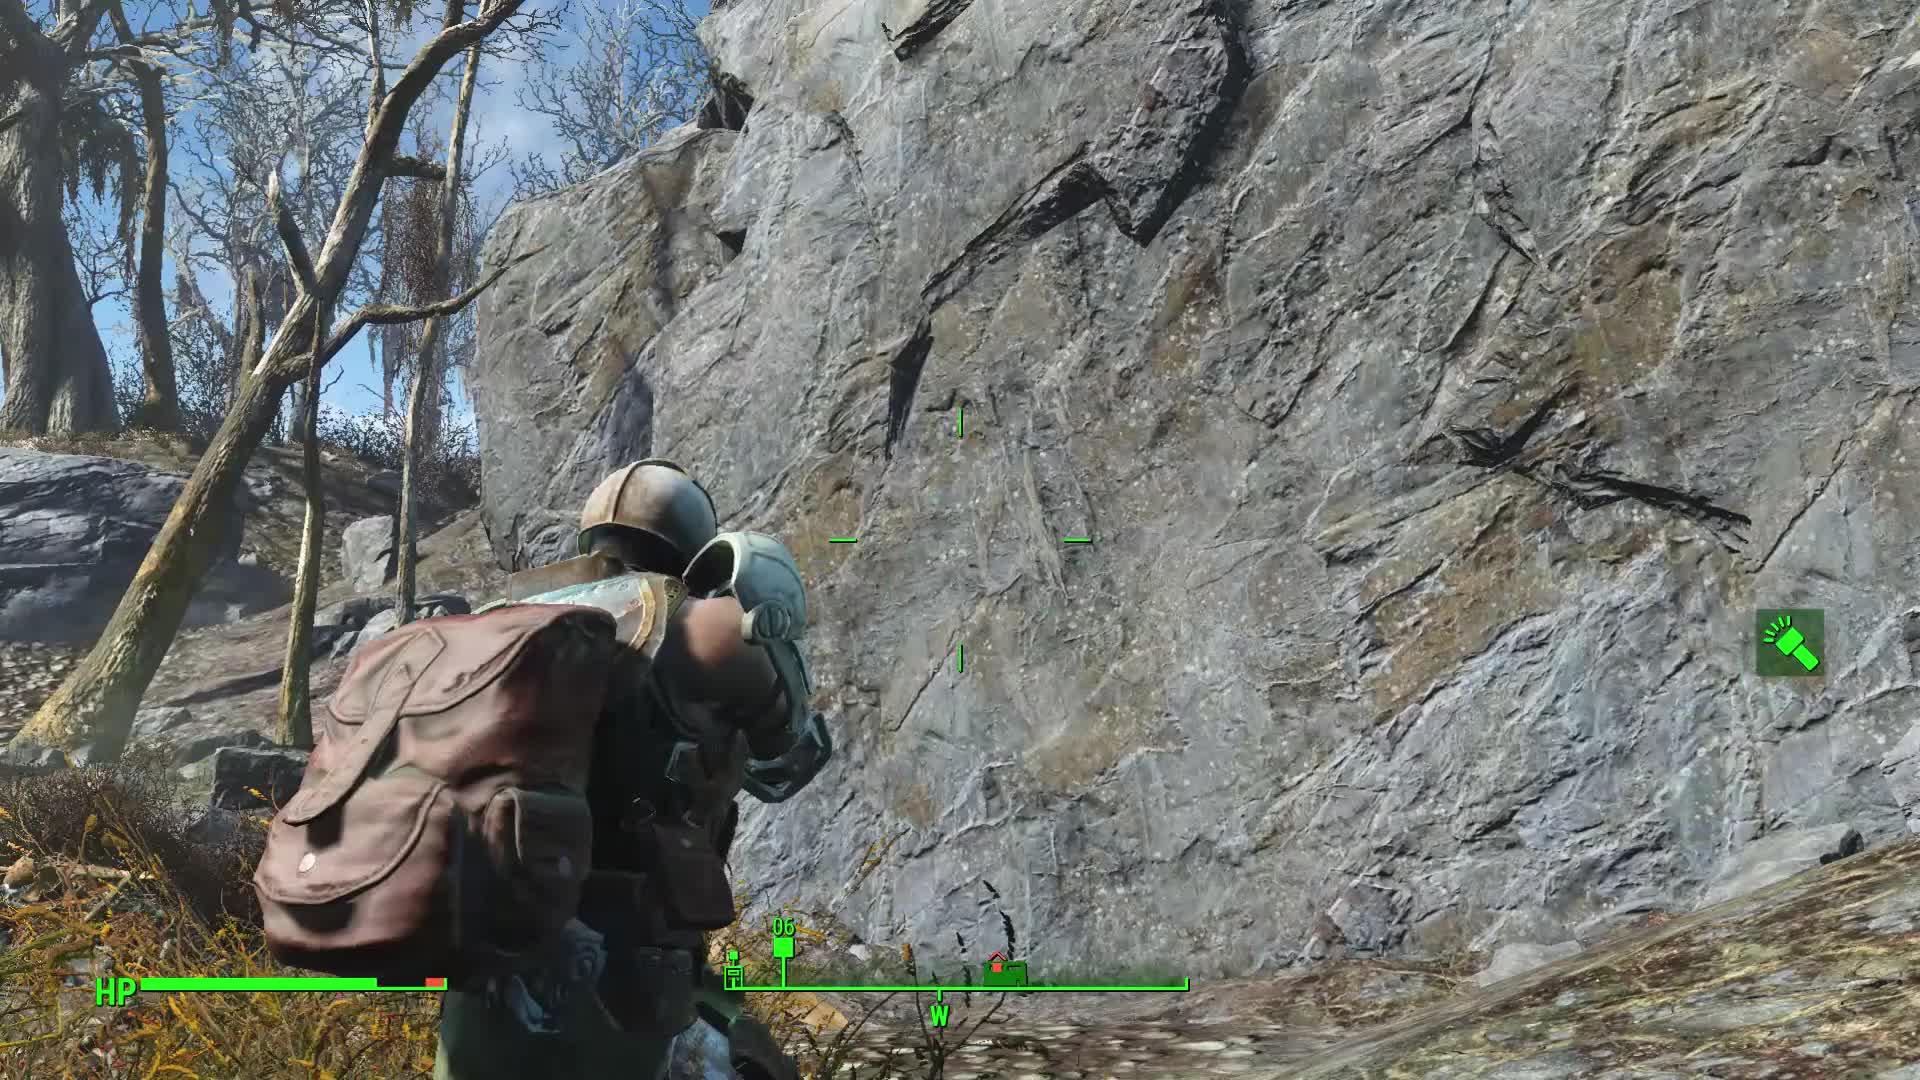 PUBATTLEGROUNDS, pubg, Fallout 4 2018.05.27 - 15.24.26.02.DVRTrim GIFs